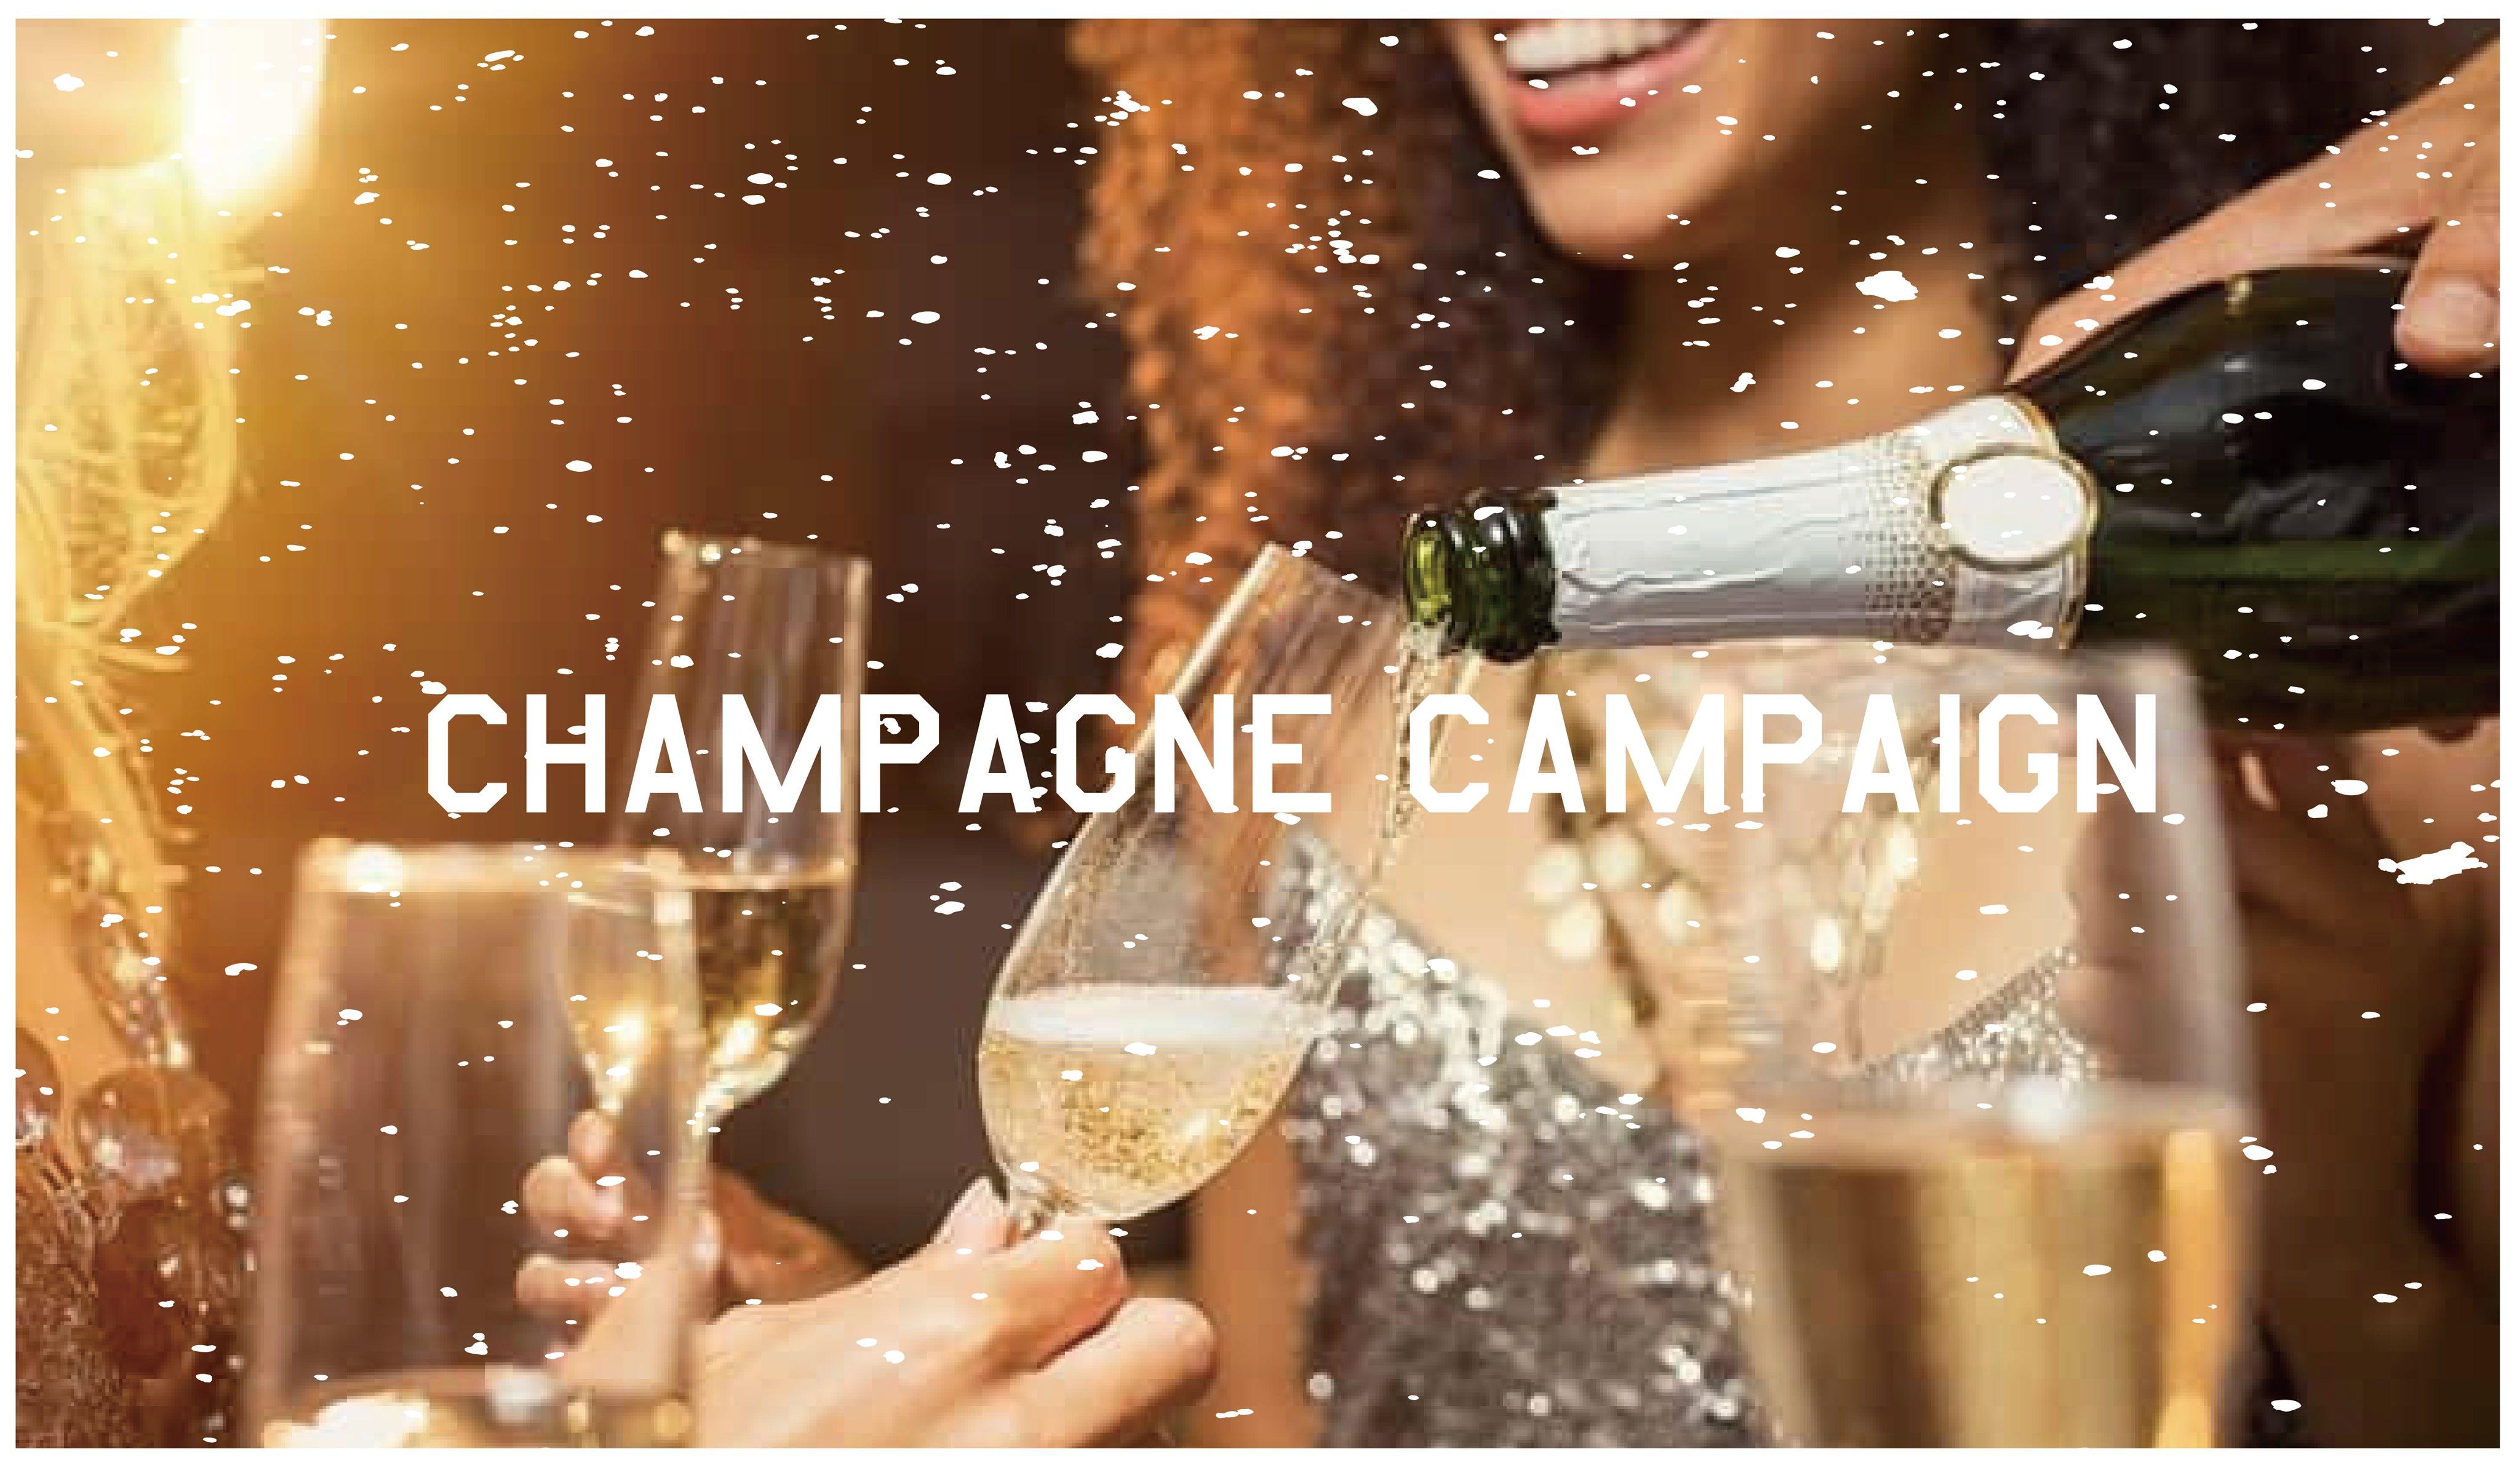 【期間限定!】テーブルを彩るシャンパンをお得に楽しもう♪ボトルプレゼントなど7月のキャンペーンをお見逃しなく!